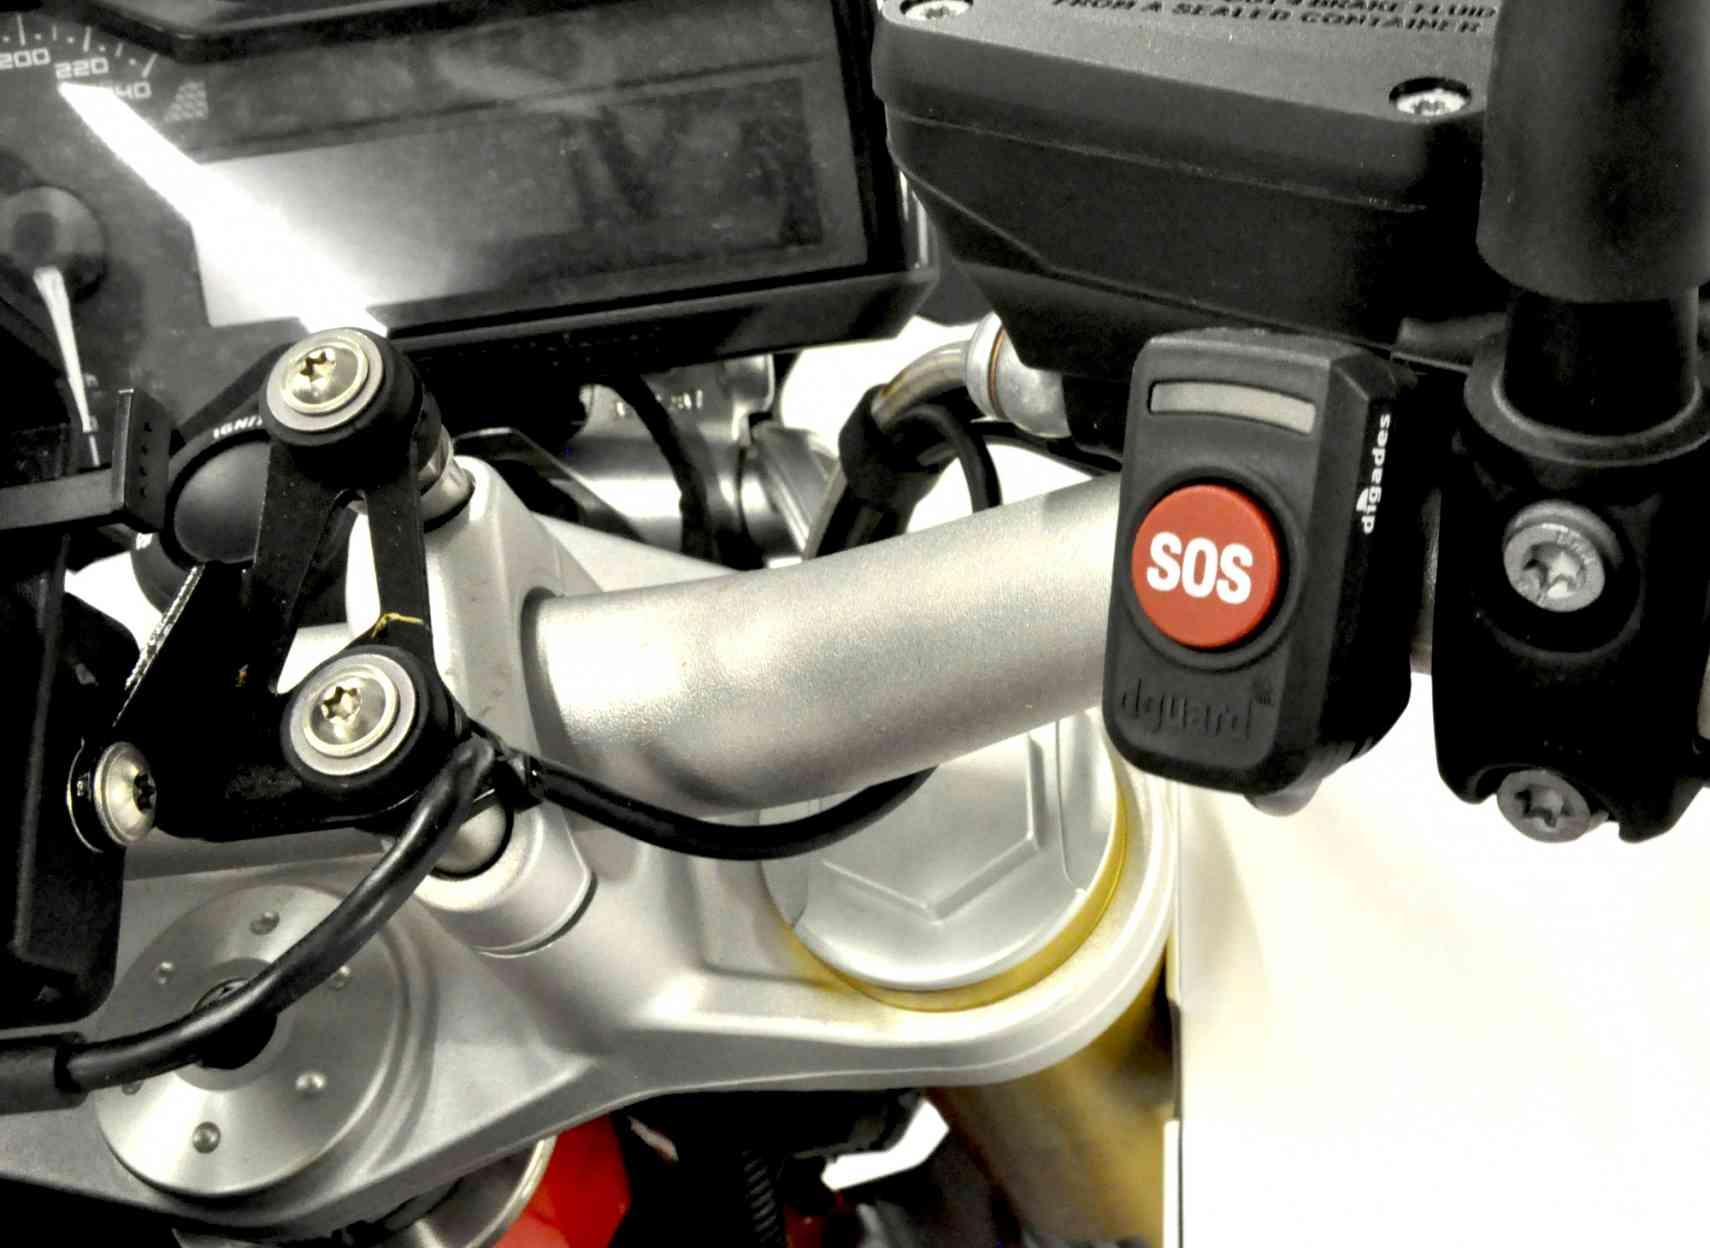 Premier système eCall pour moto et scooter, le Dguard